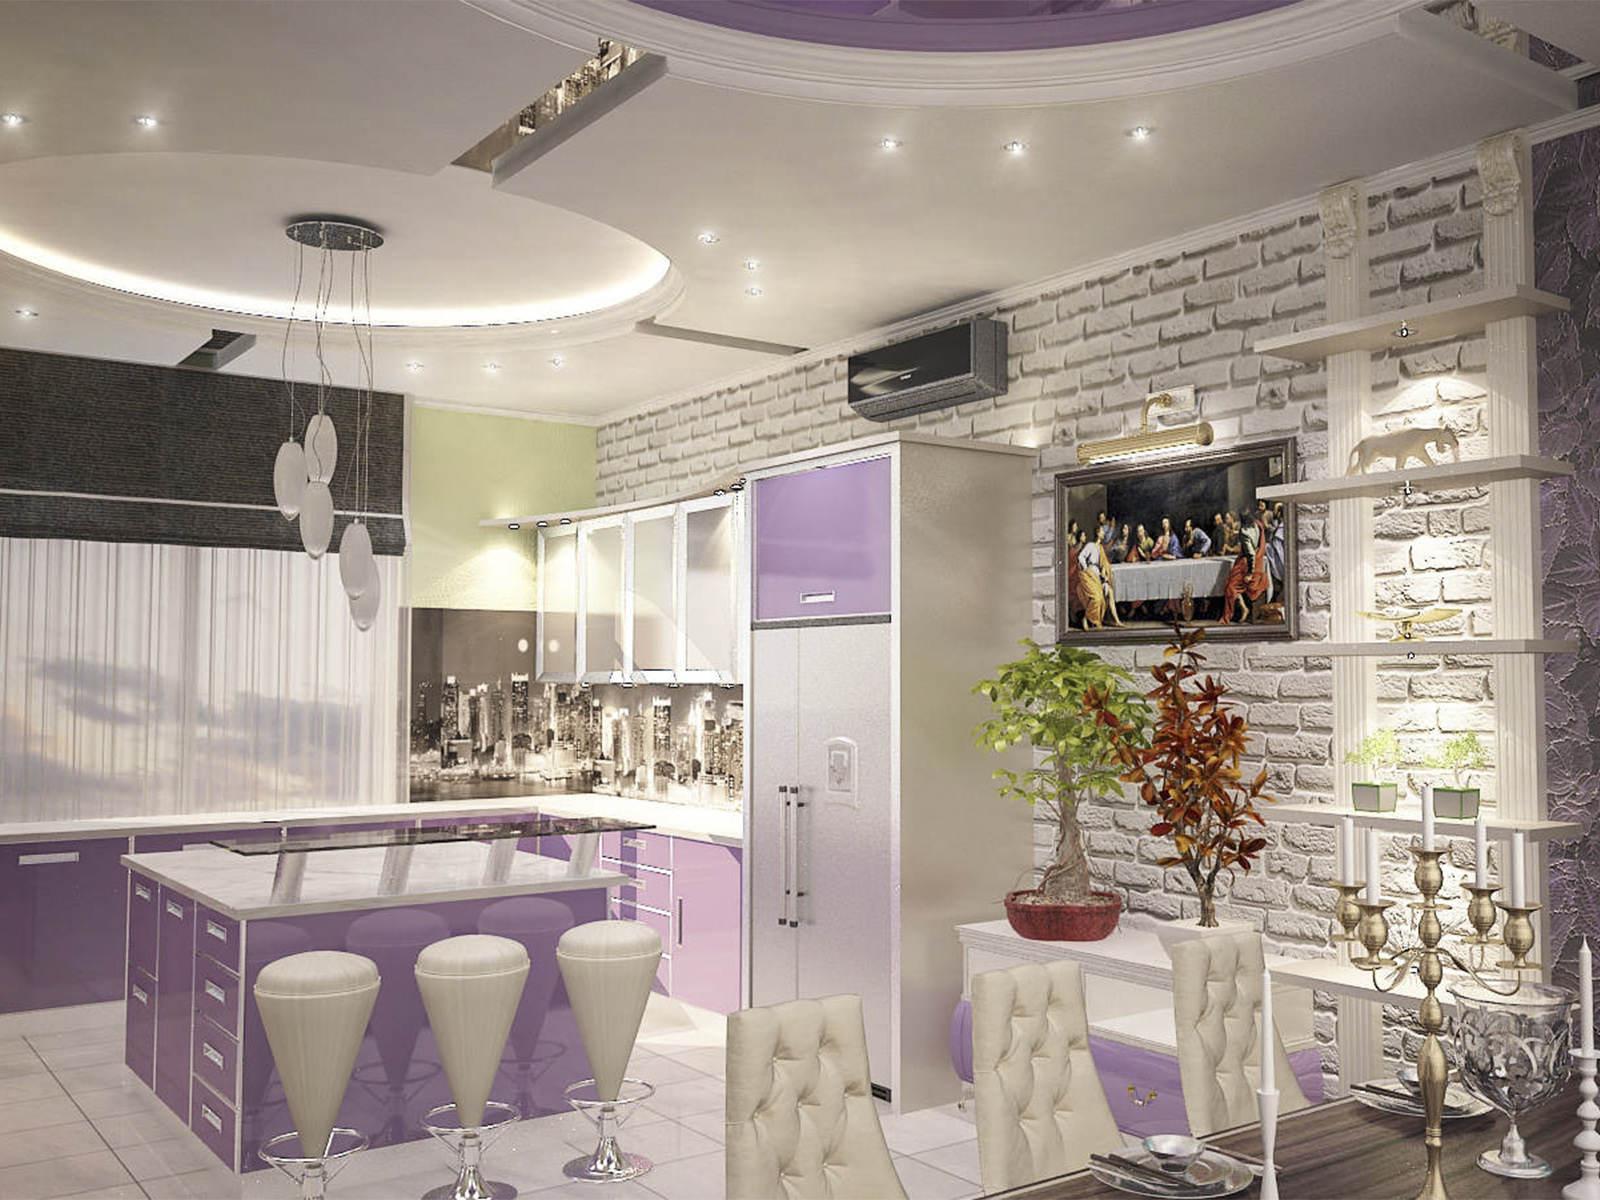 Дизайн интерьера современный стиль кухня и гостиная, стол и барные стулья, модерн